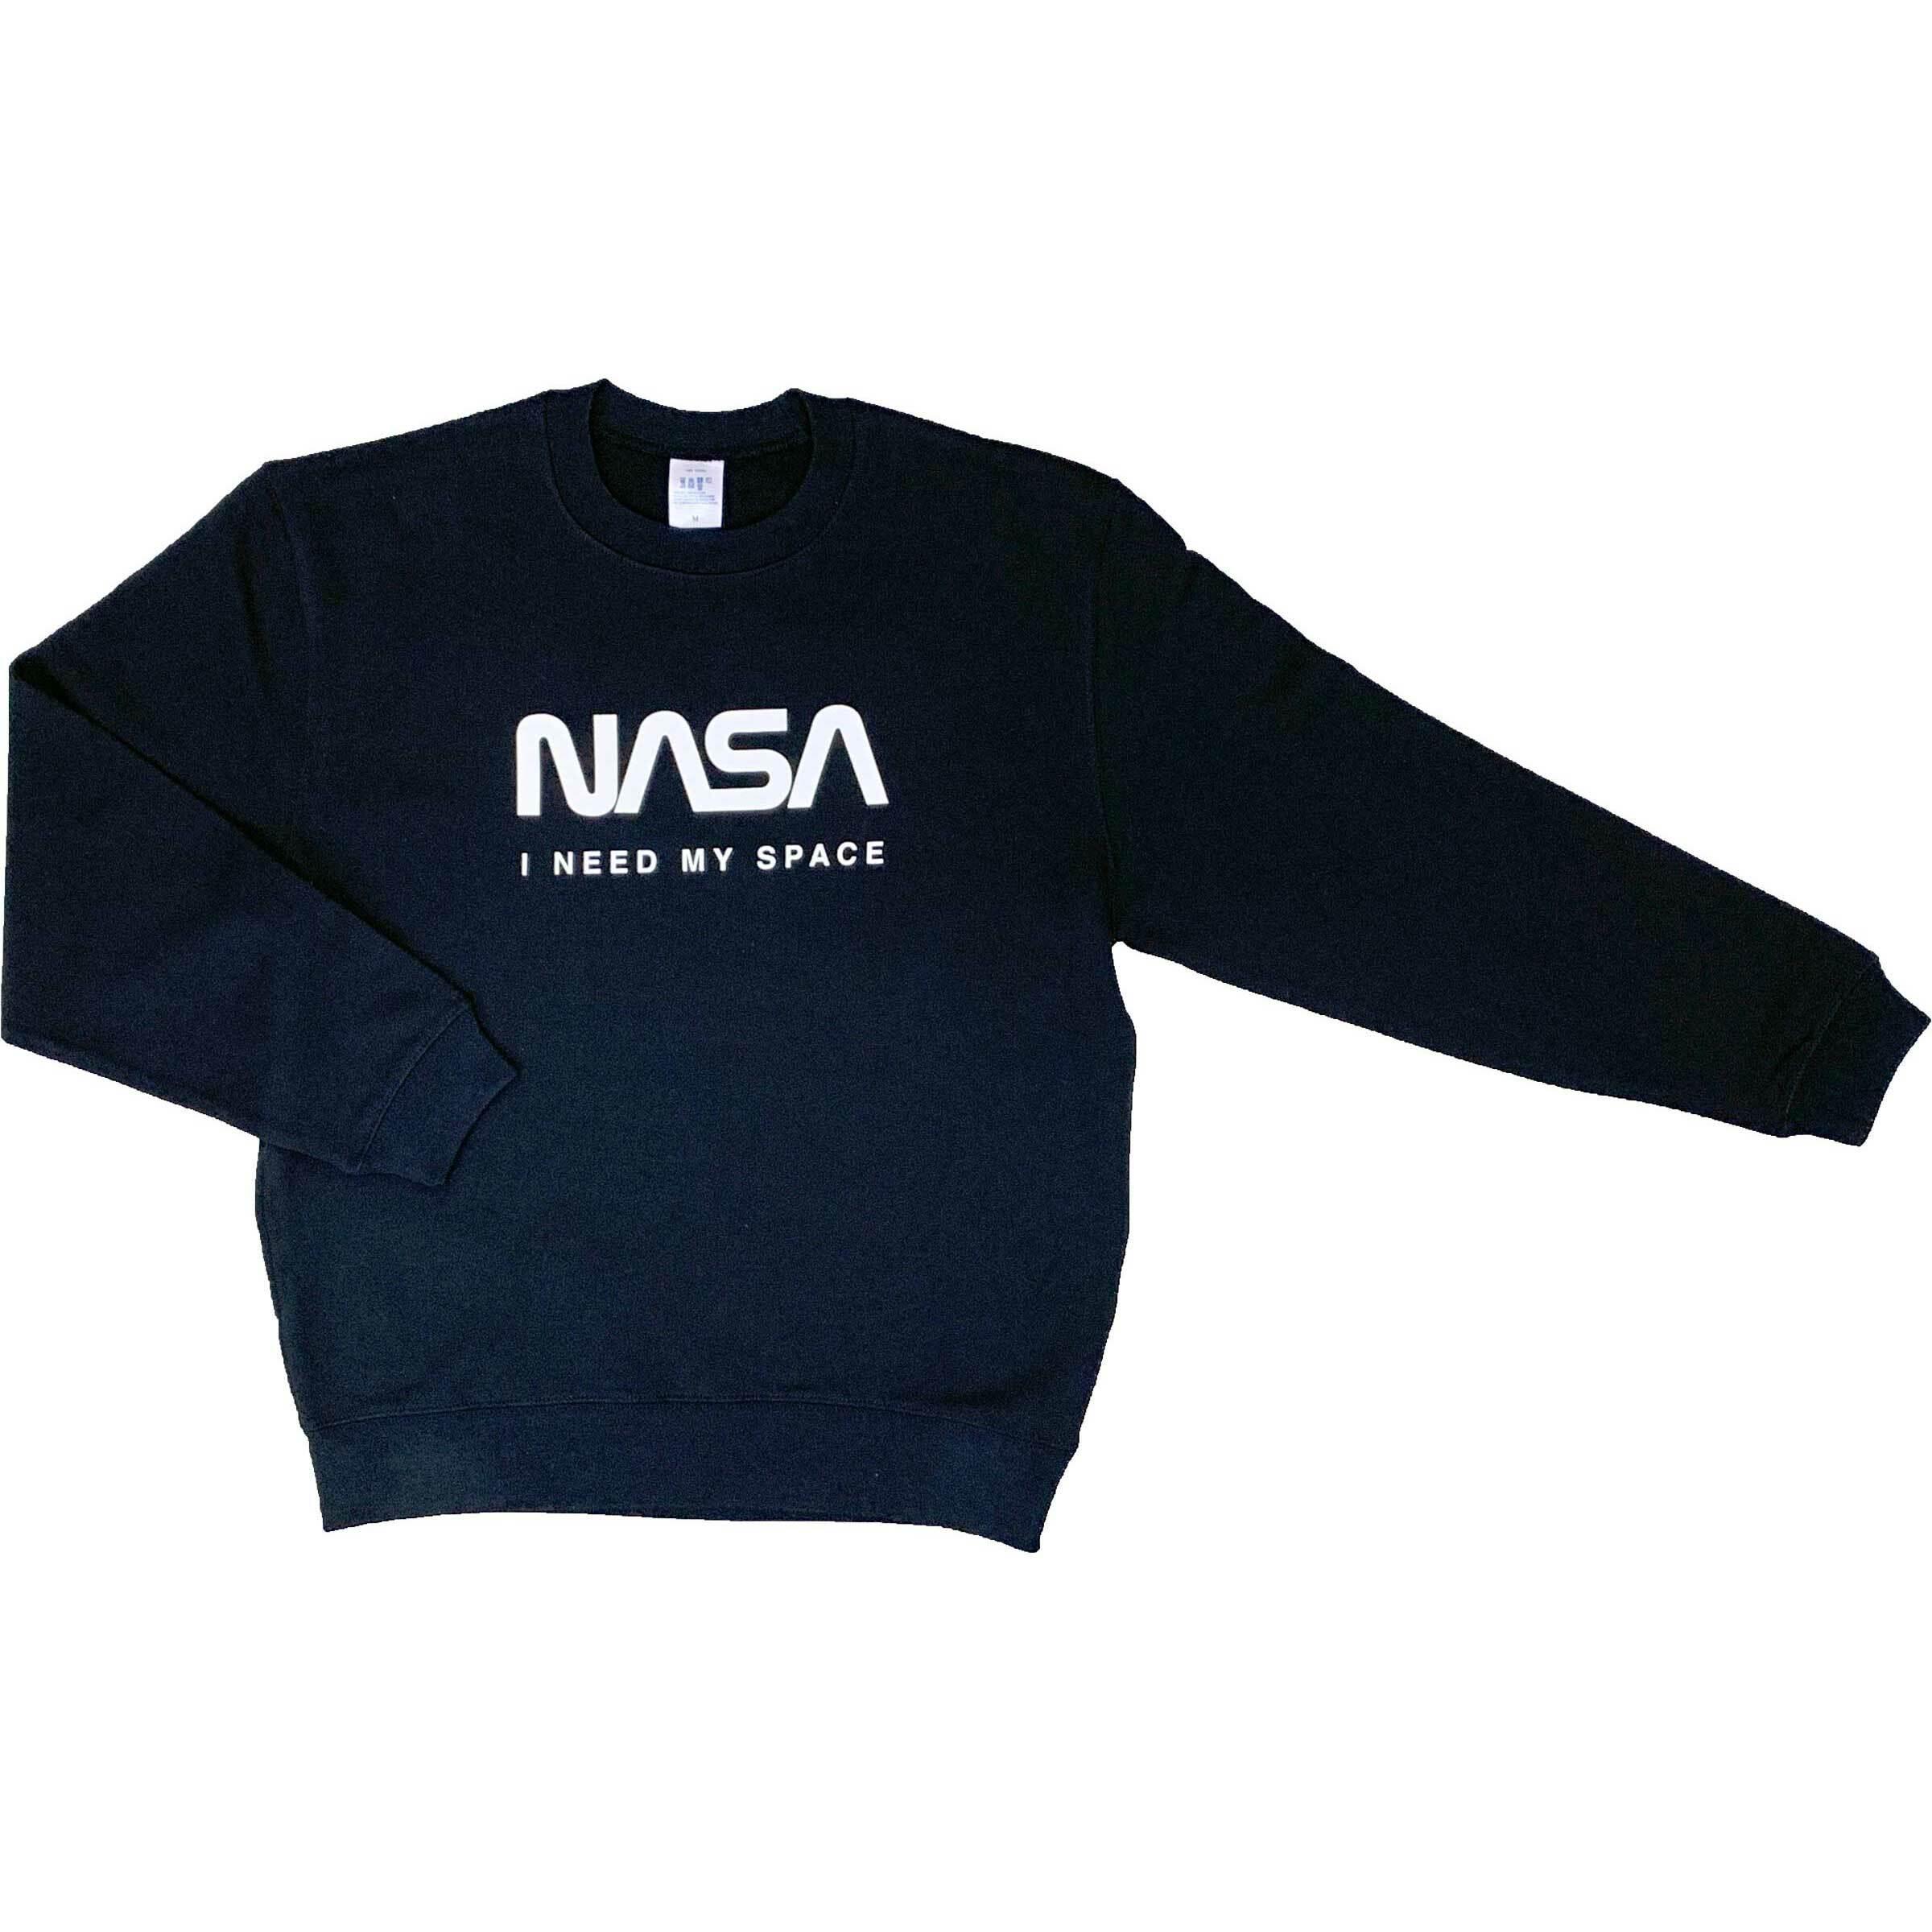 NASA公認(アメリカ航空宇宙局)・トレーナー・JERZEES(ジャージーズ)ボディ・ロゴタイプ(ワーム)・ブラック